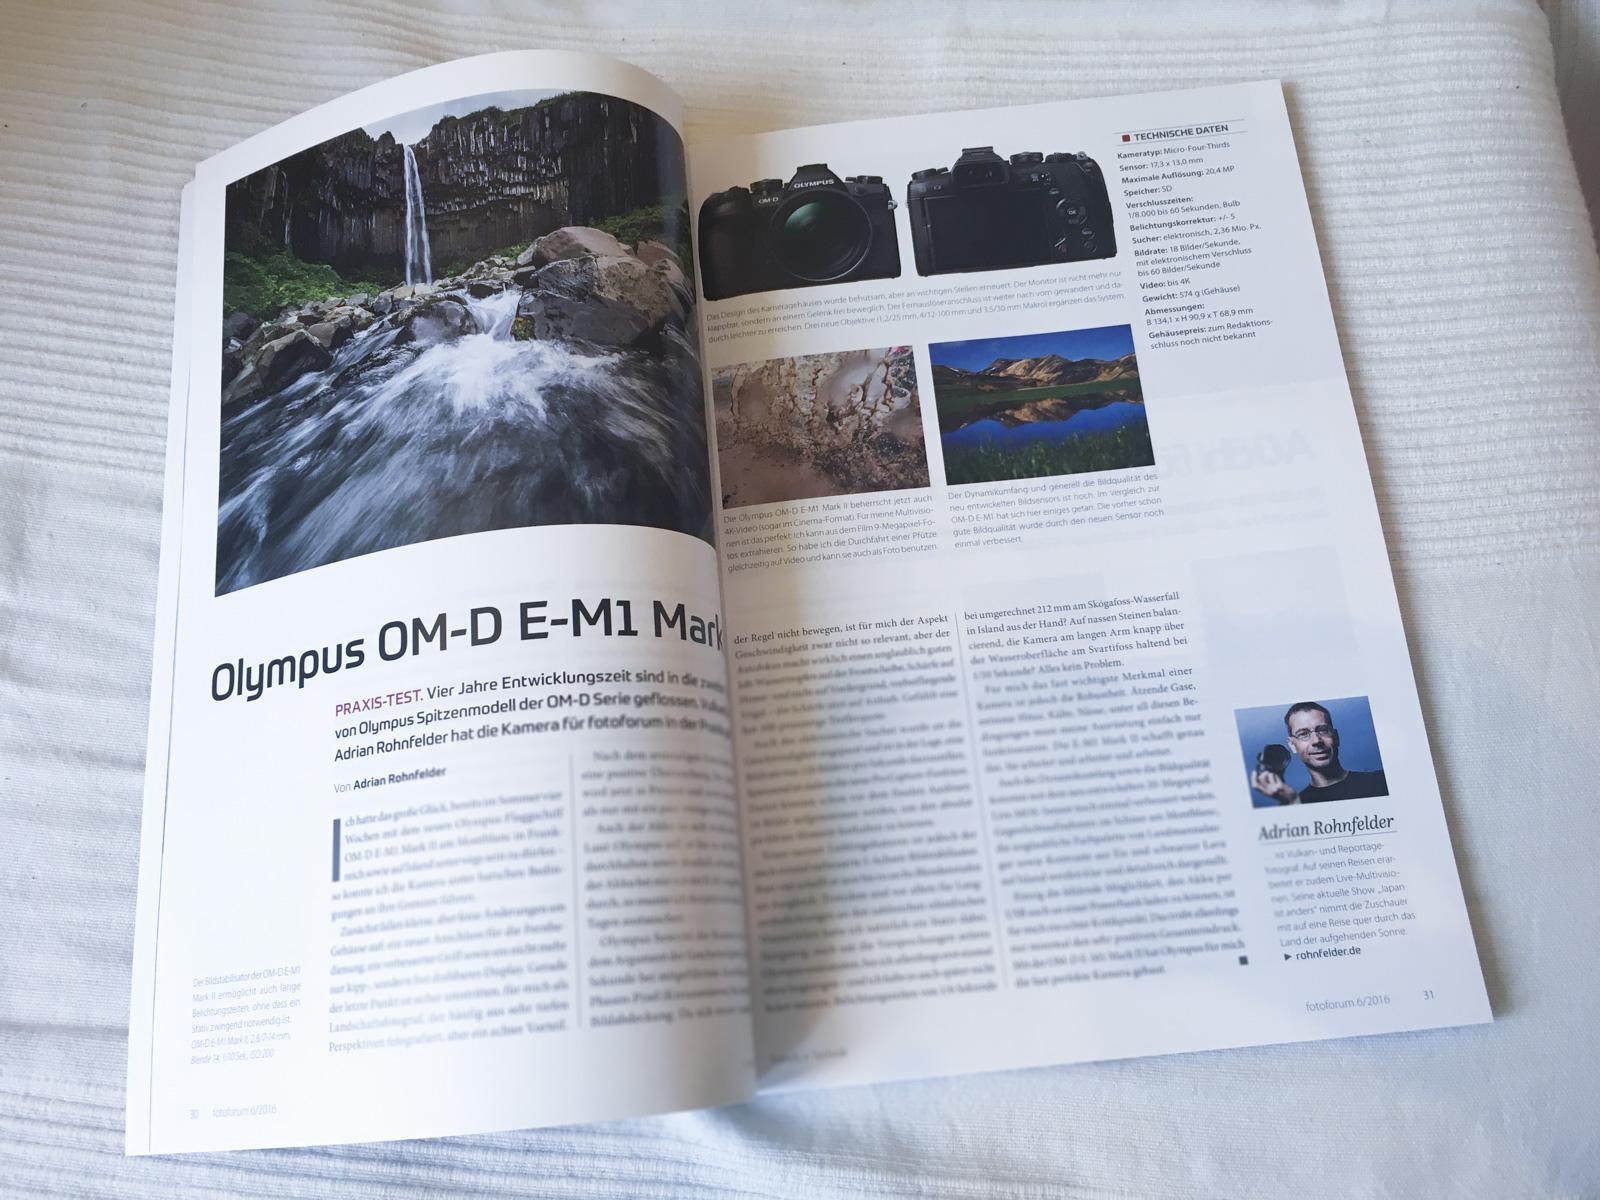 fotoforum Olympus E-M1 Mark II